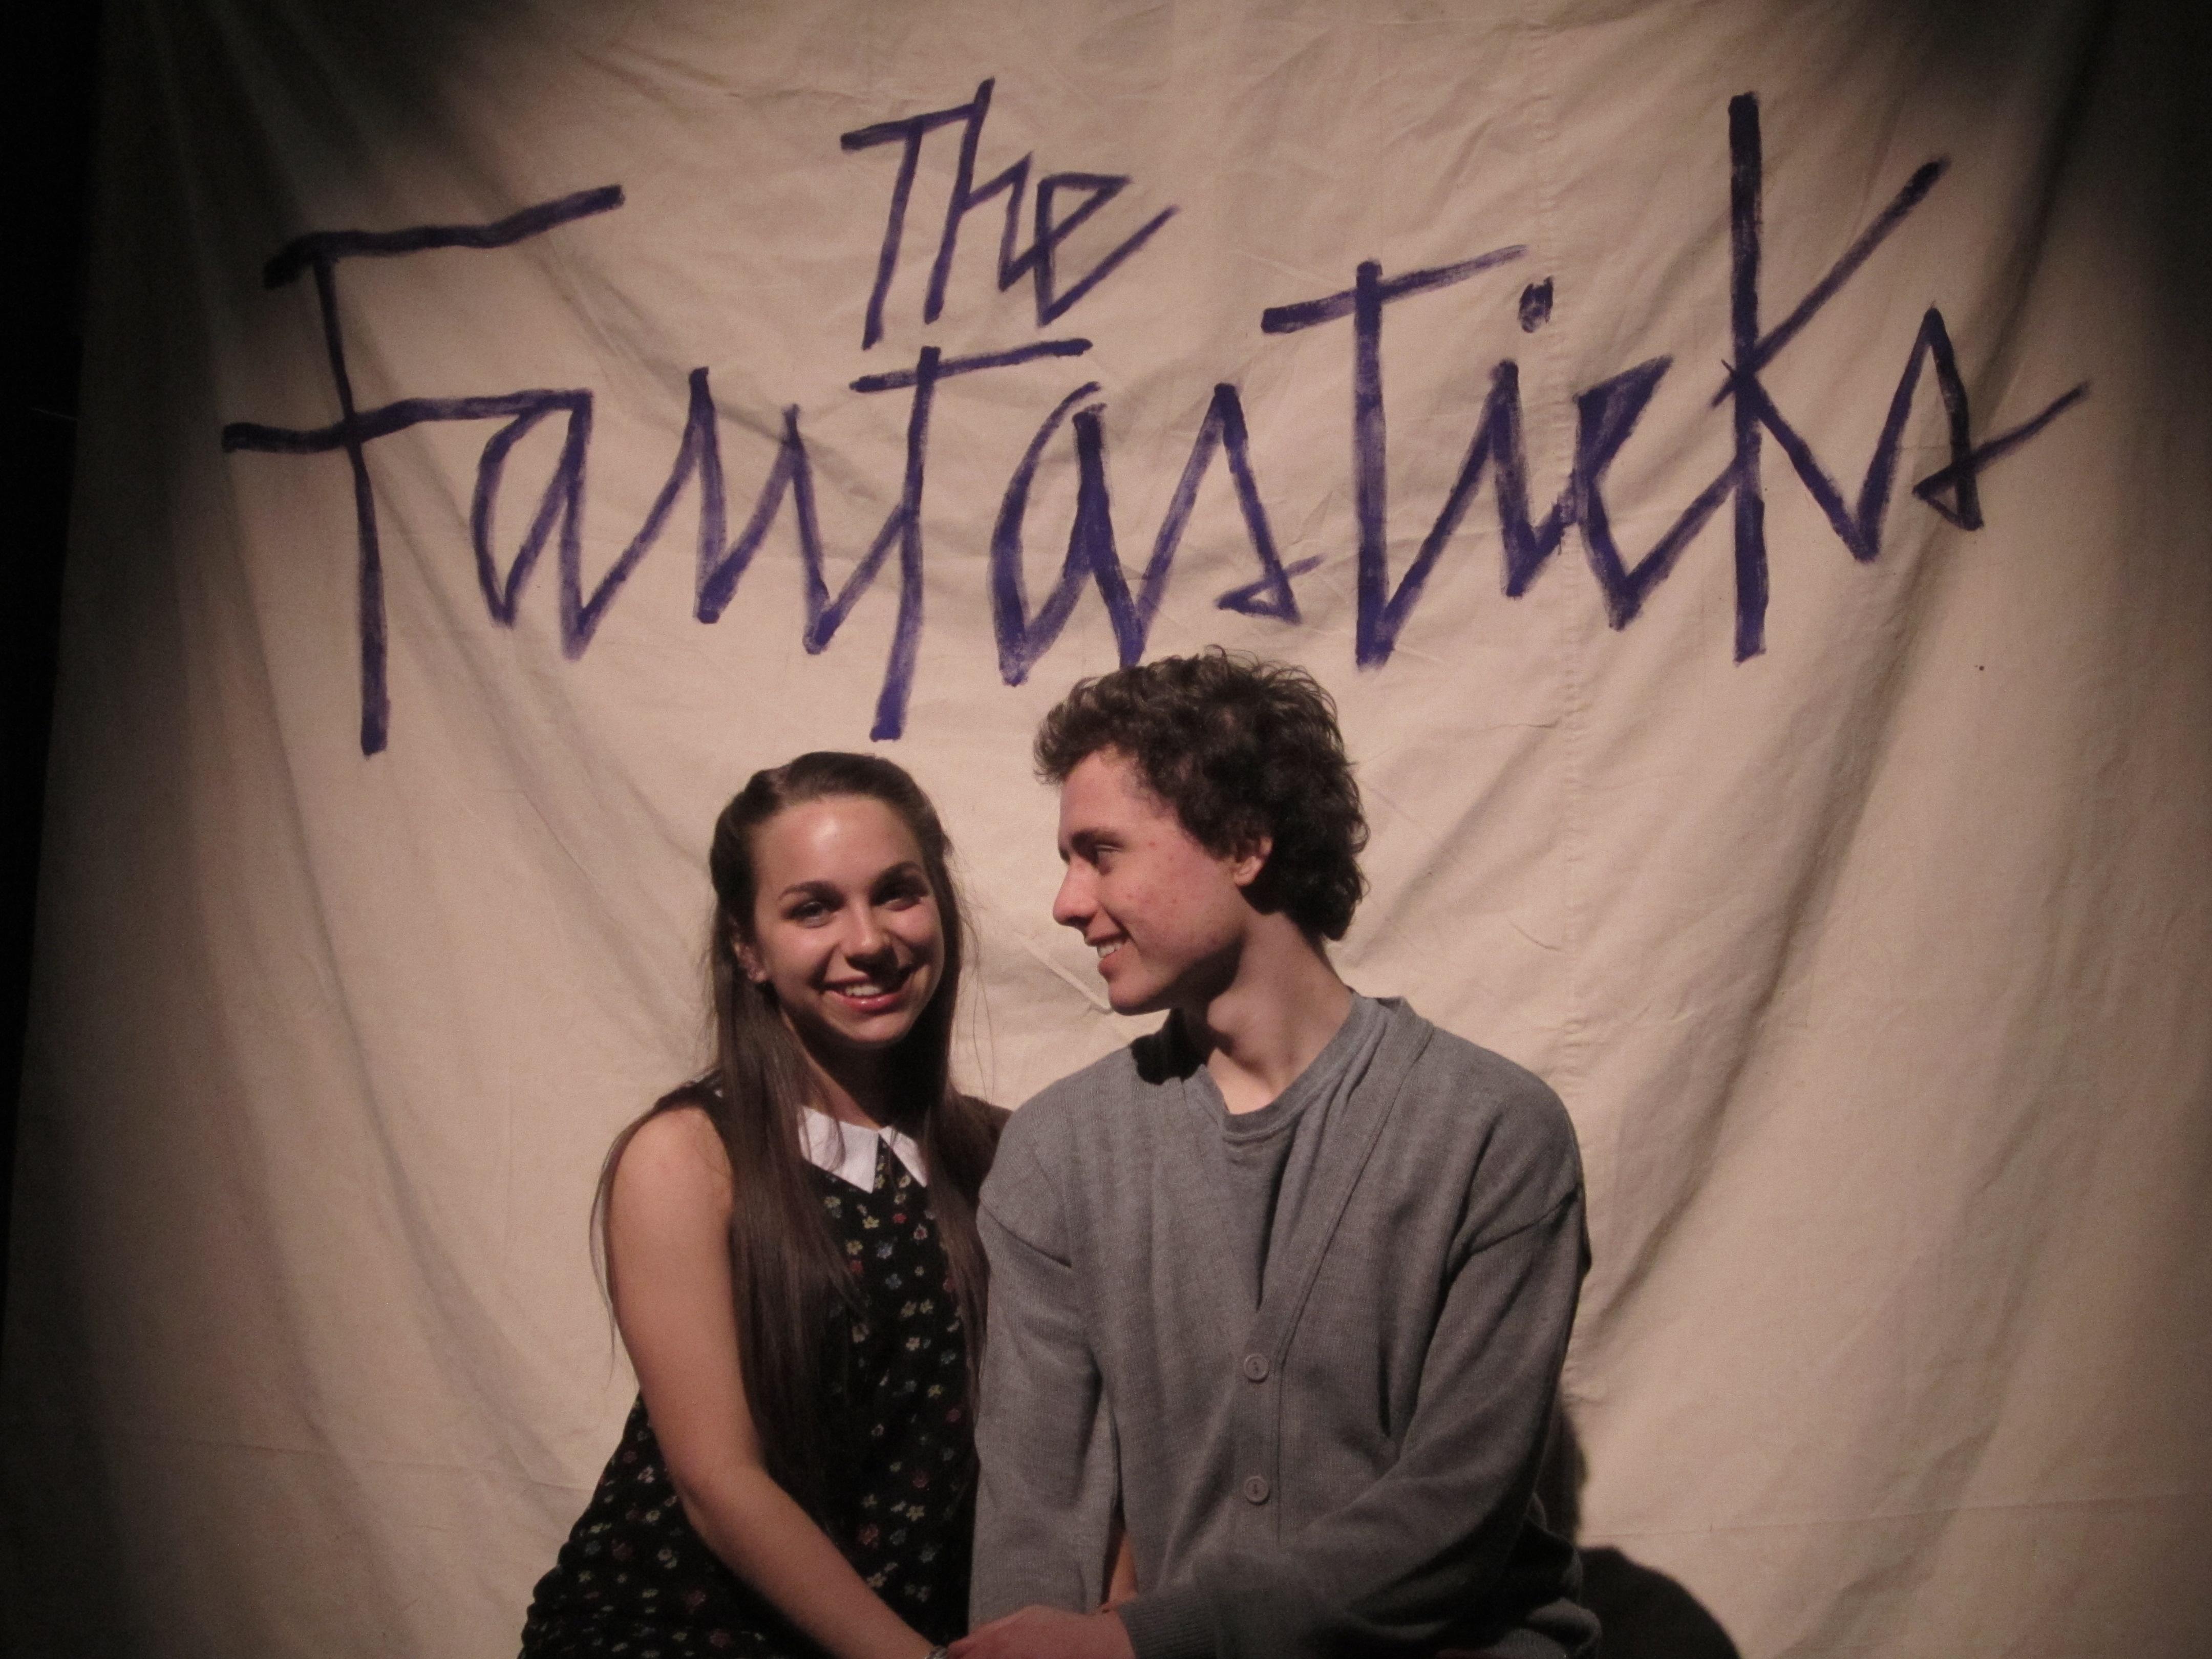 Fantasticks1